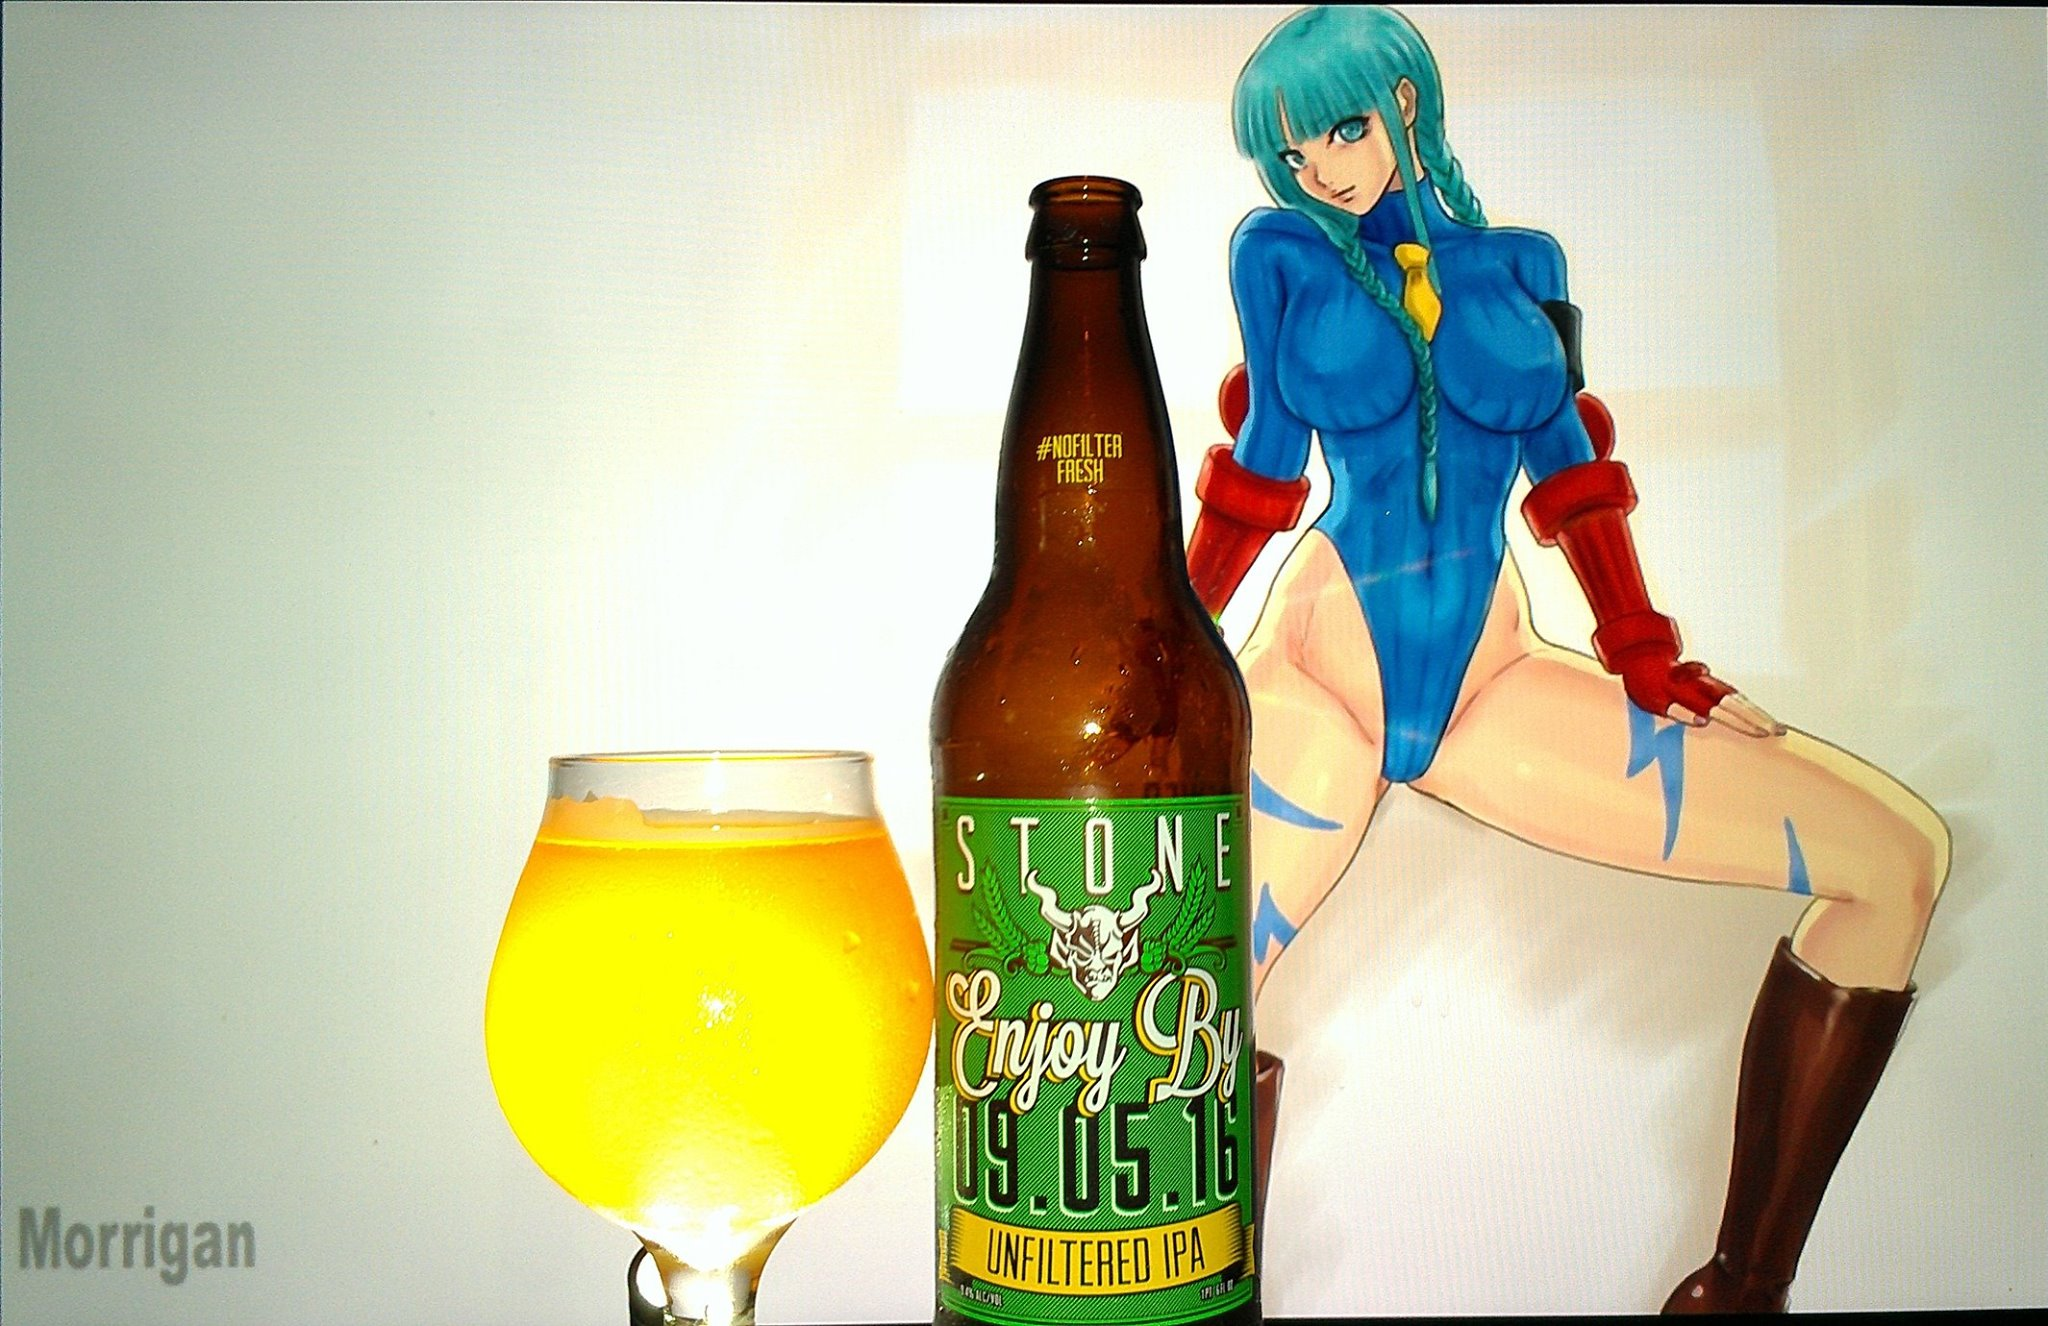 Lolibooru 3d  Lolibooru 3d pussy xxx - September anime and beer lore jpg 2048x1326